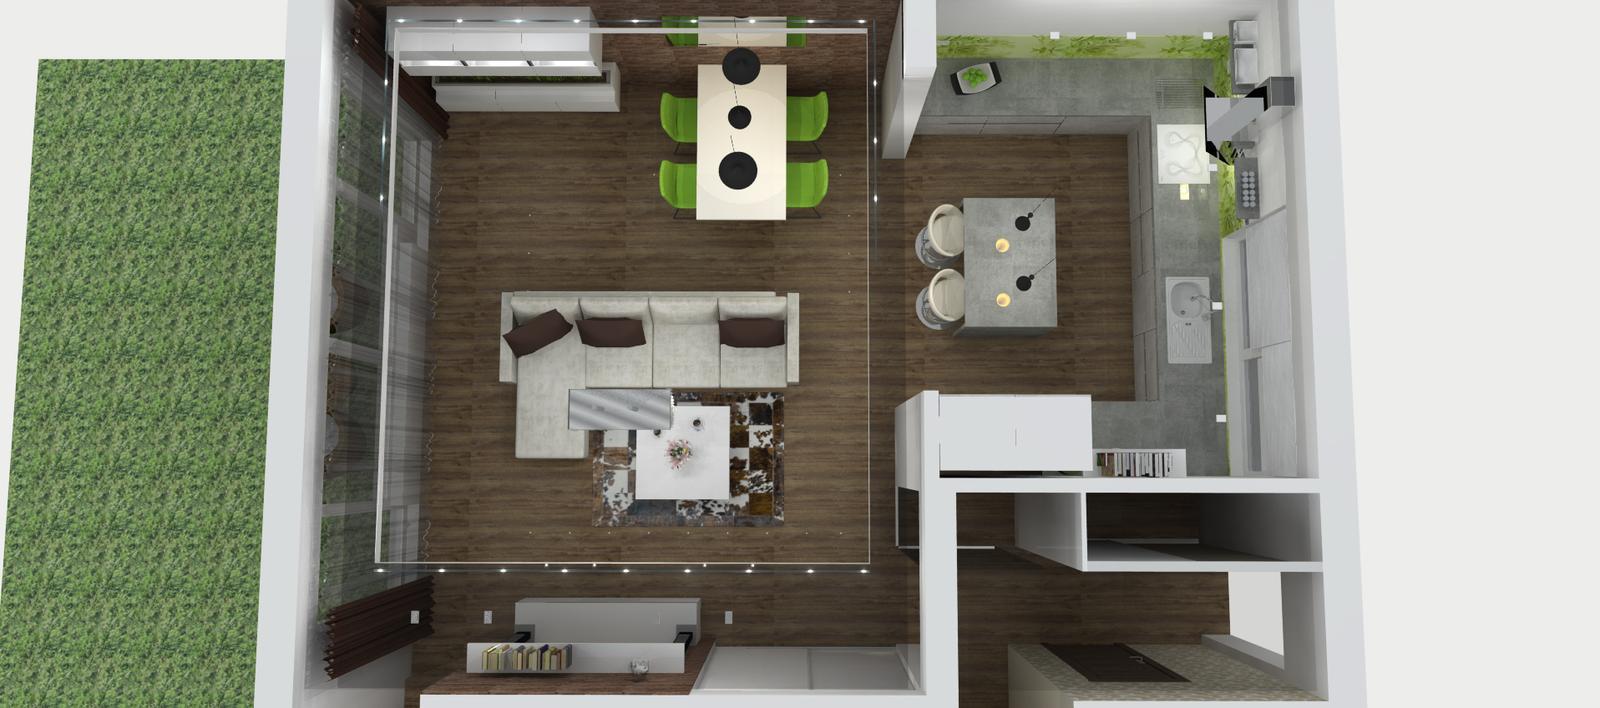 Obývačko-kuchyne I. - rozloženie na žiadosť majiteľov